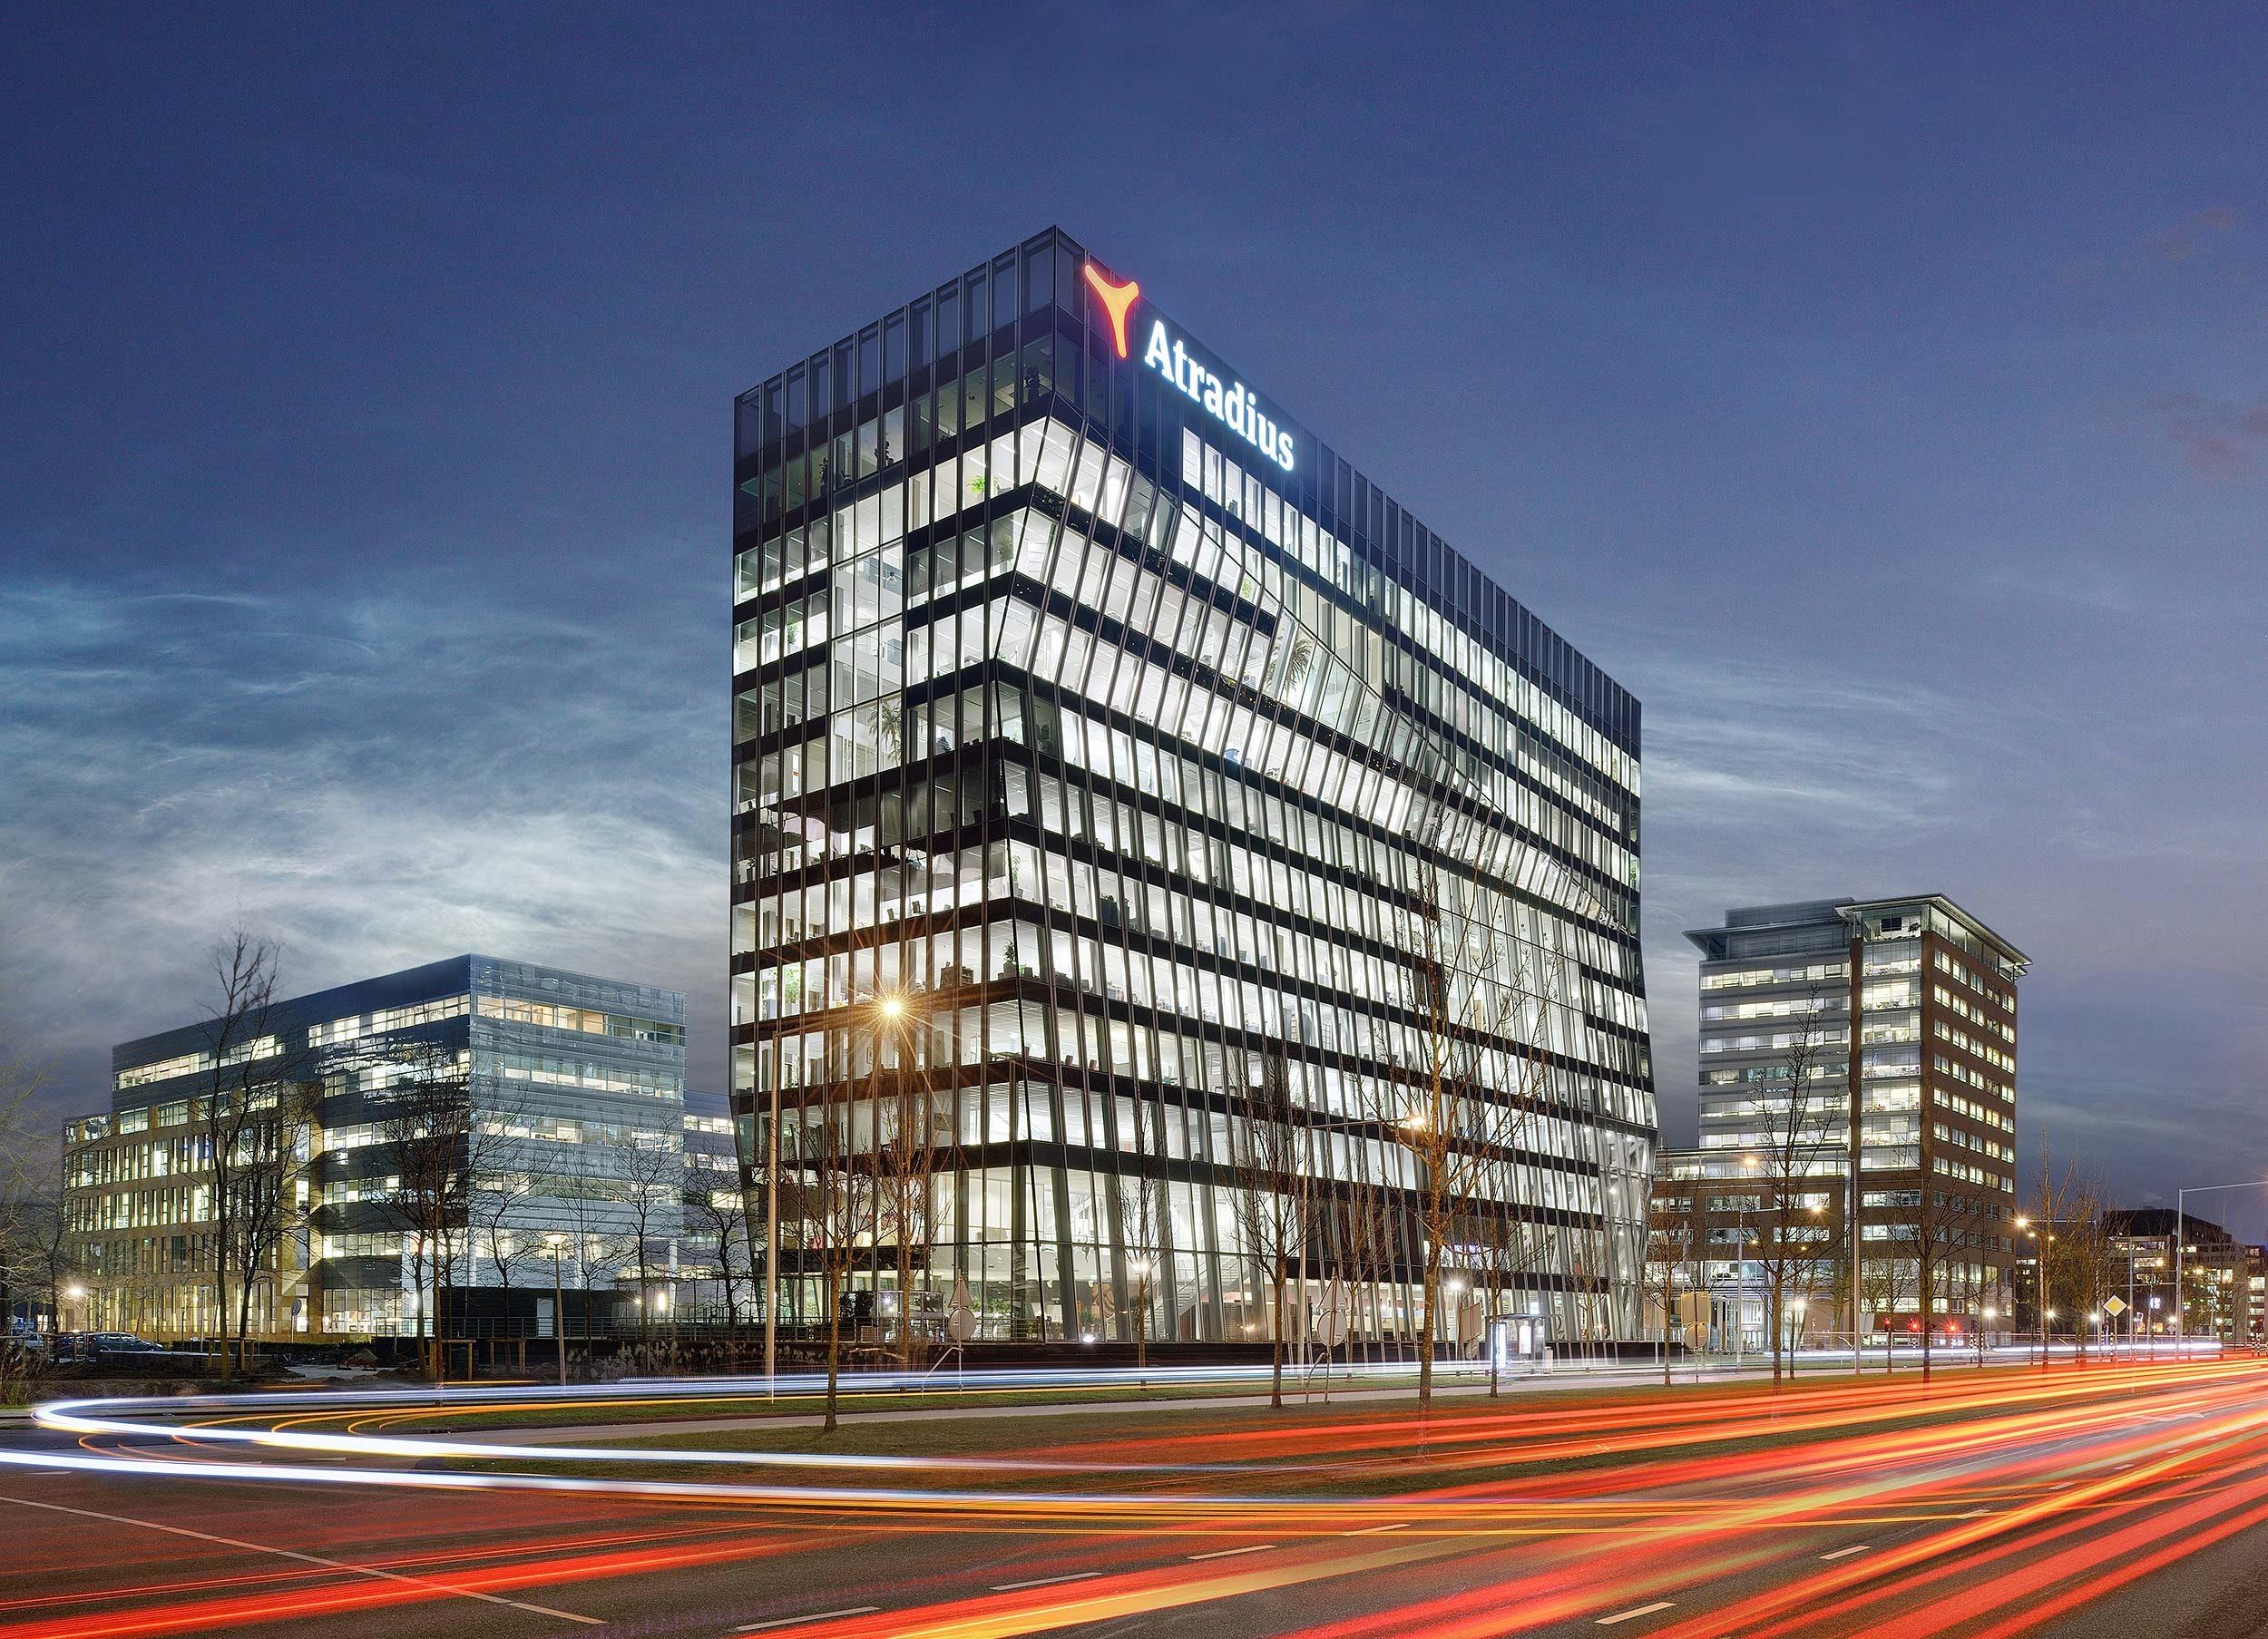 Atradius Headquarters, Amsterdam - Atradius Group